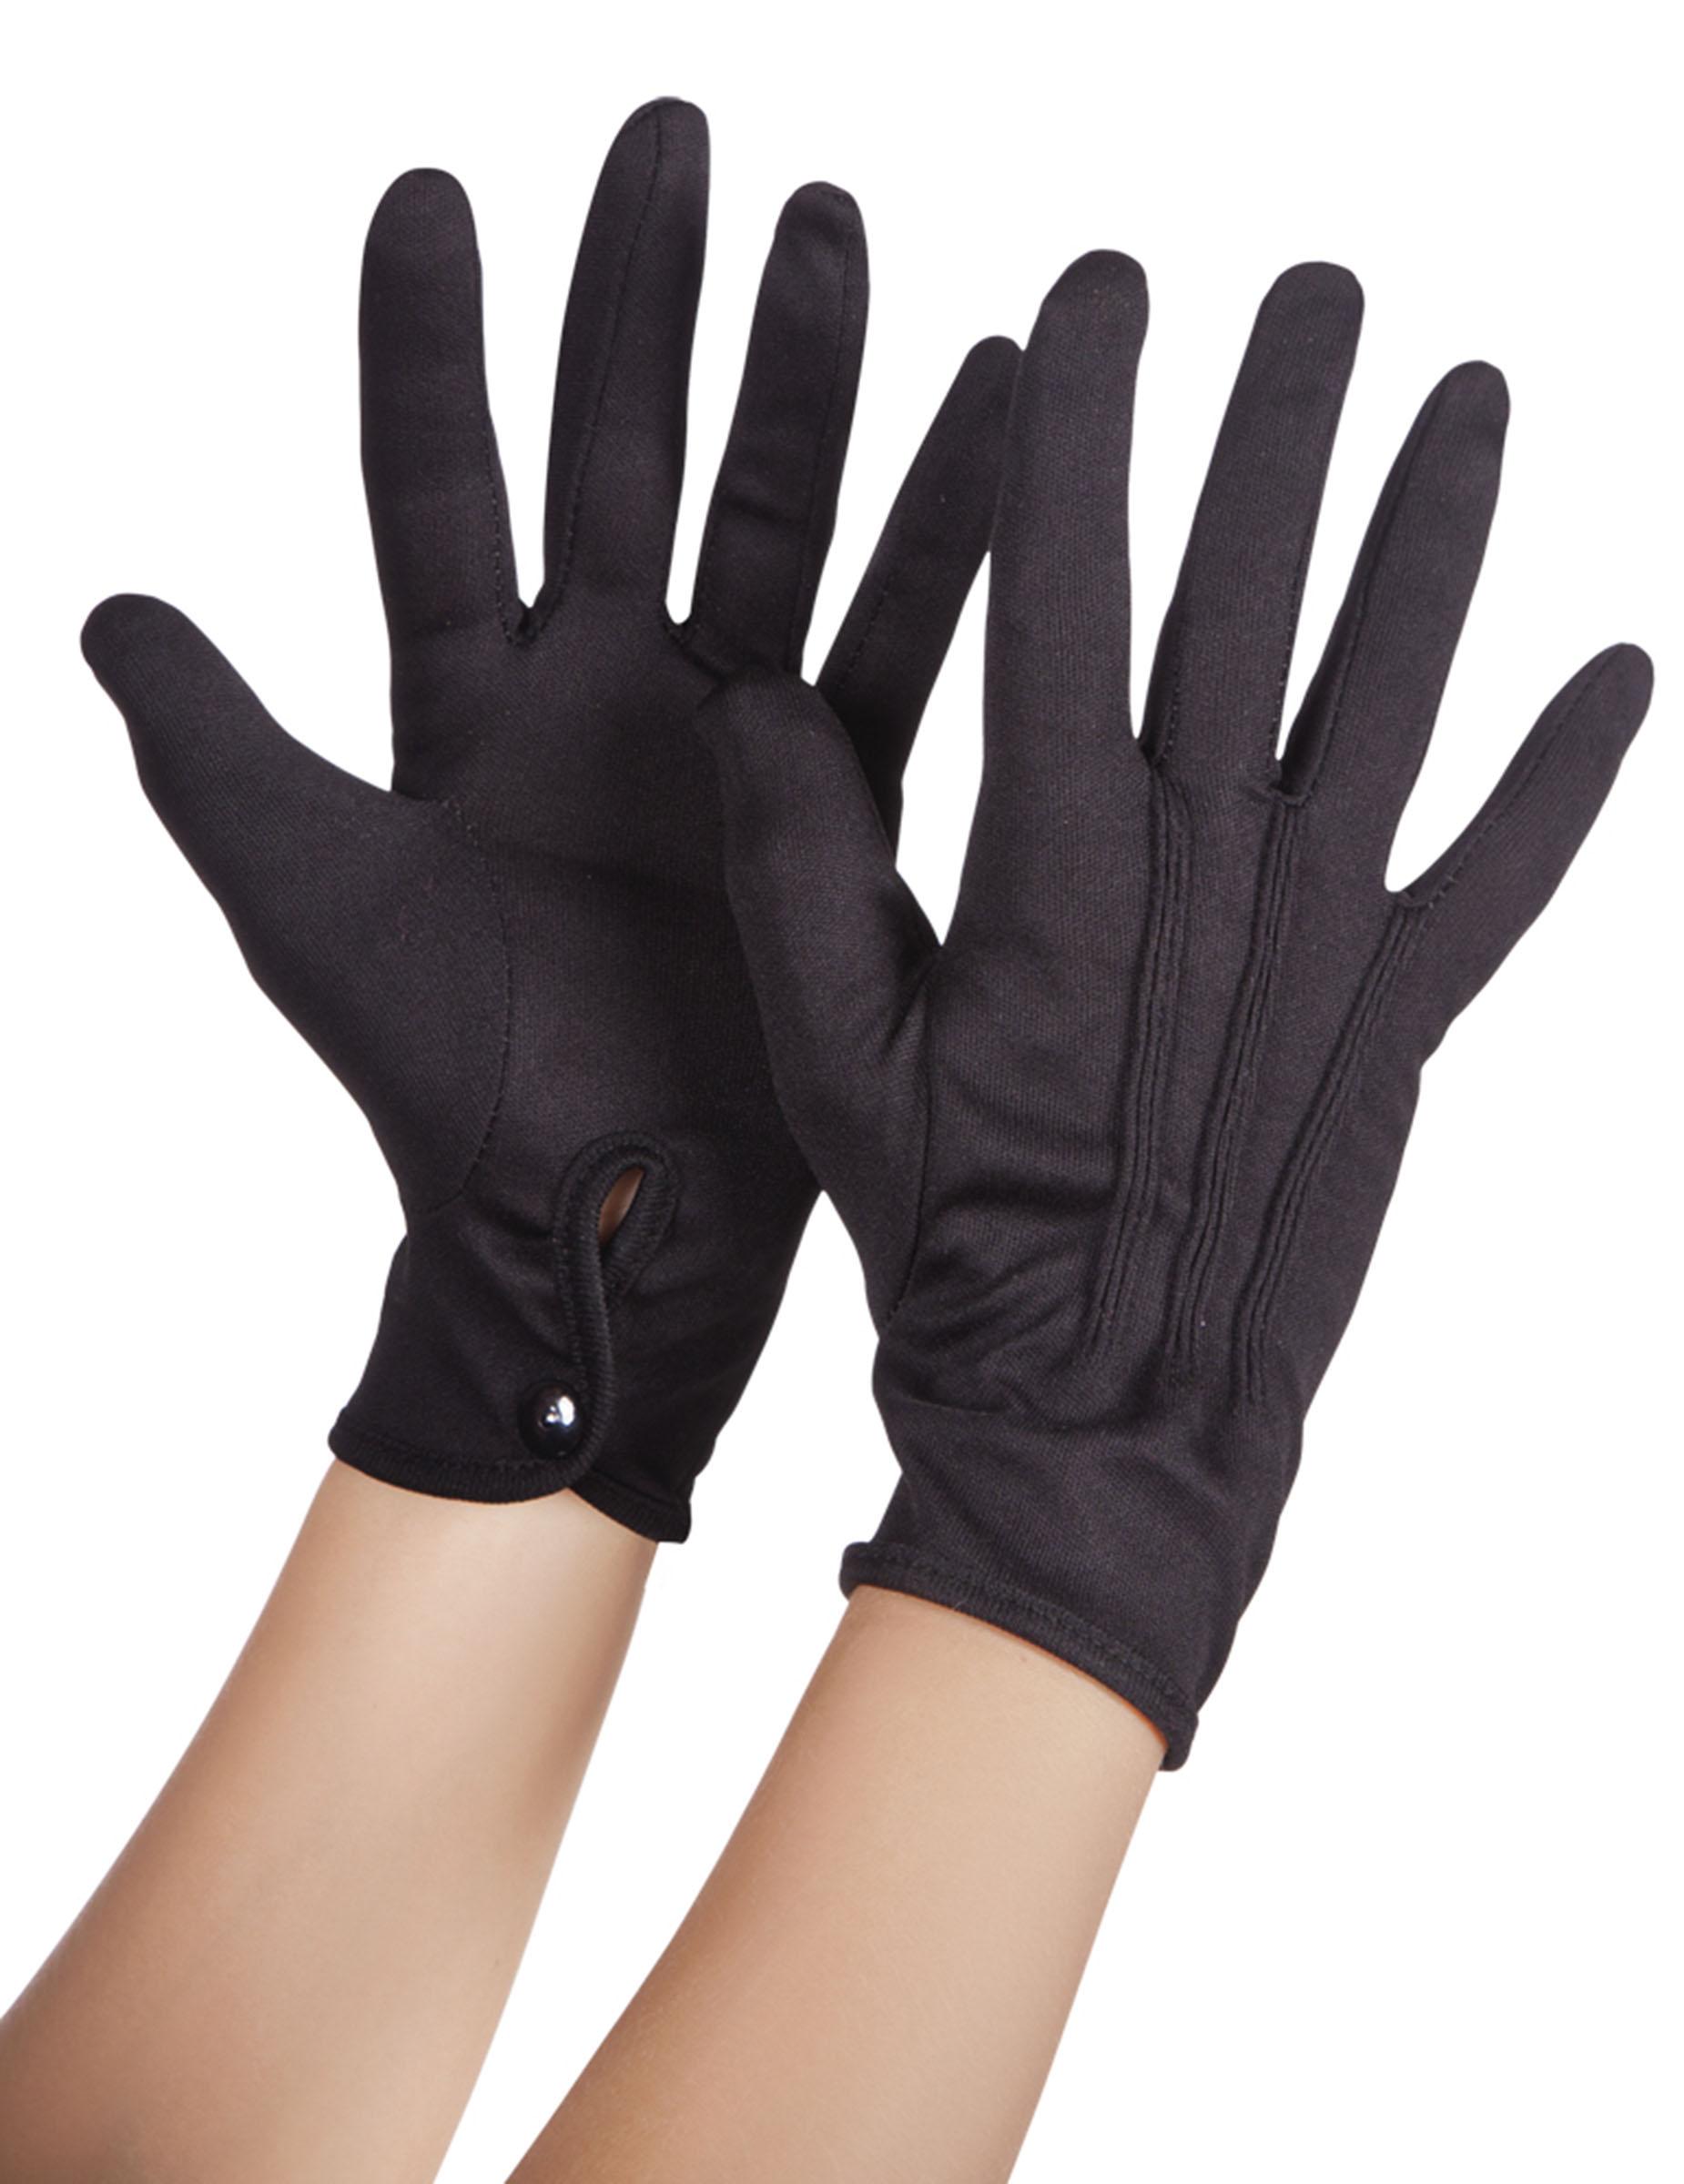 e5a98235695e1 Gants noirs adulte : Deguise-toi, achat de Accessoires